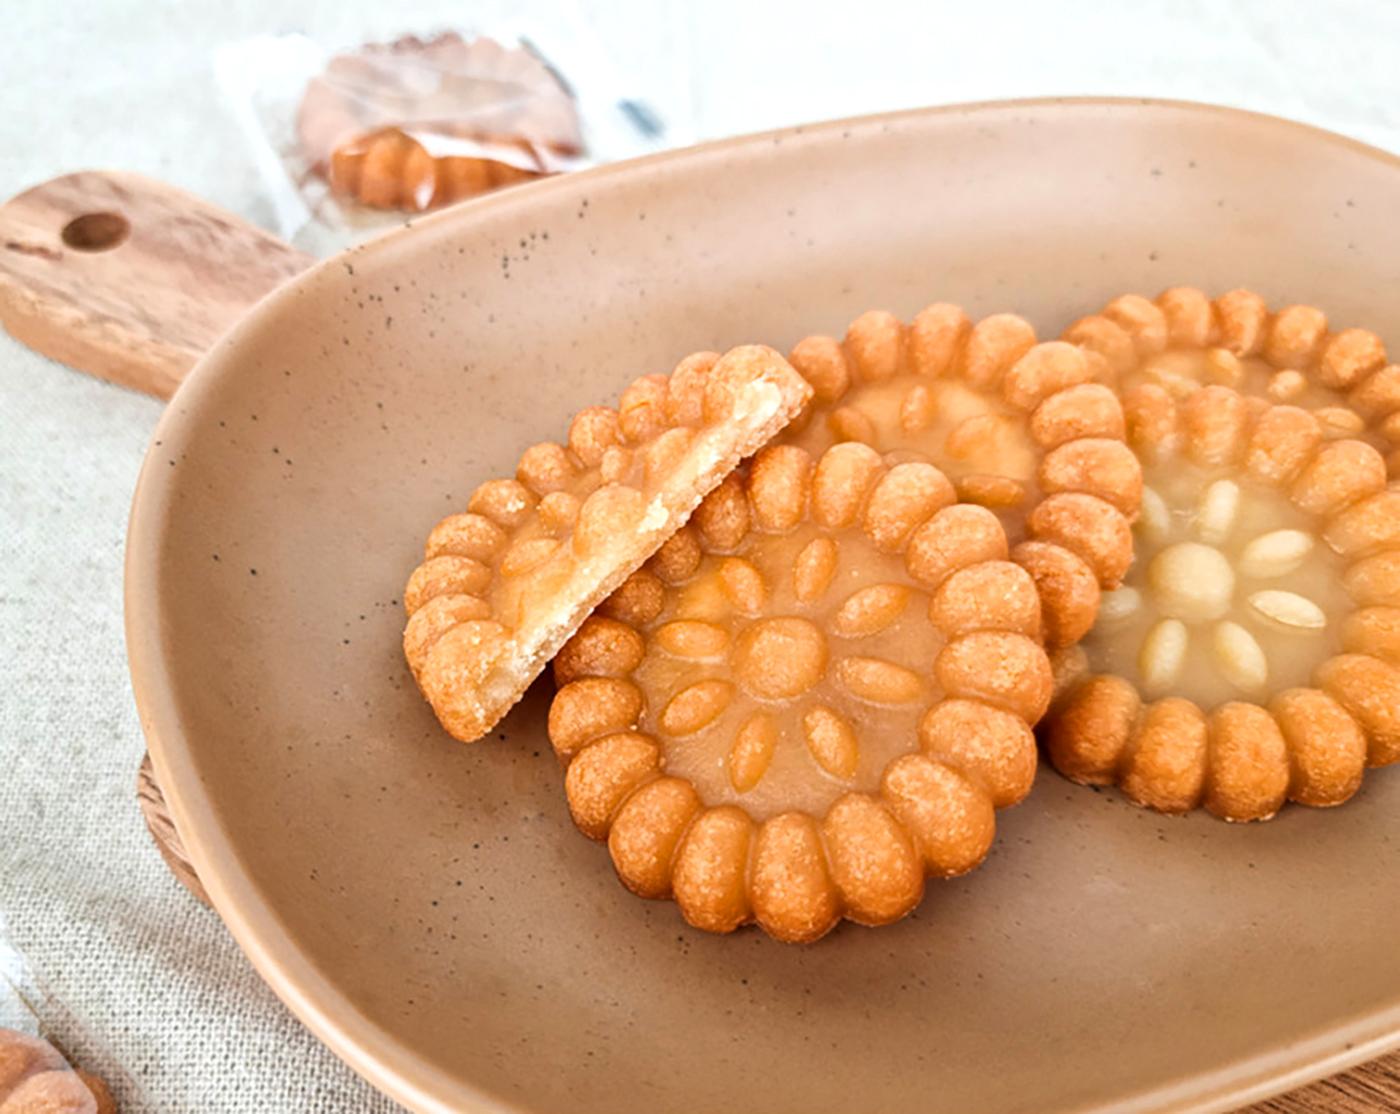 옛날 찹쌀 꿀 약과(10개입) 상세이미지3